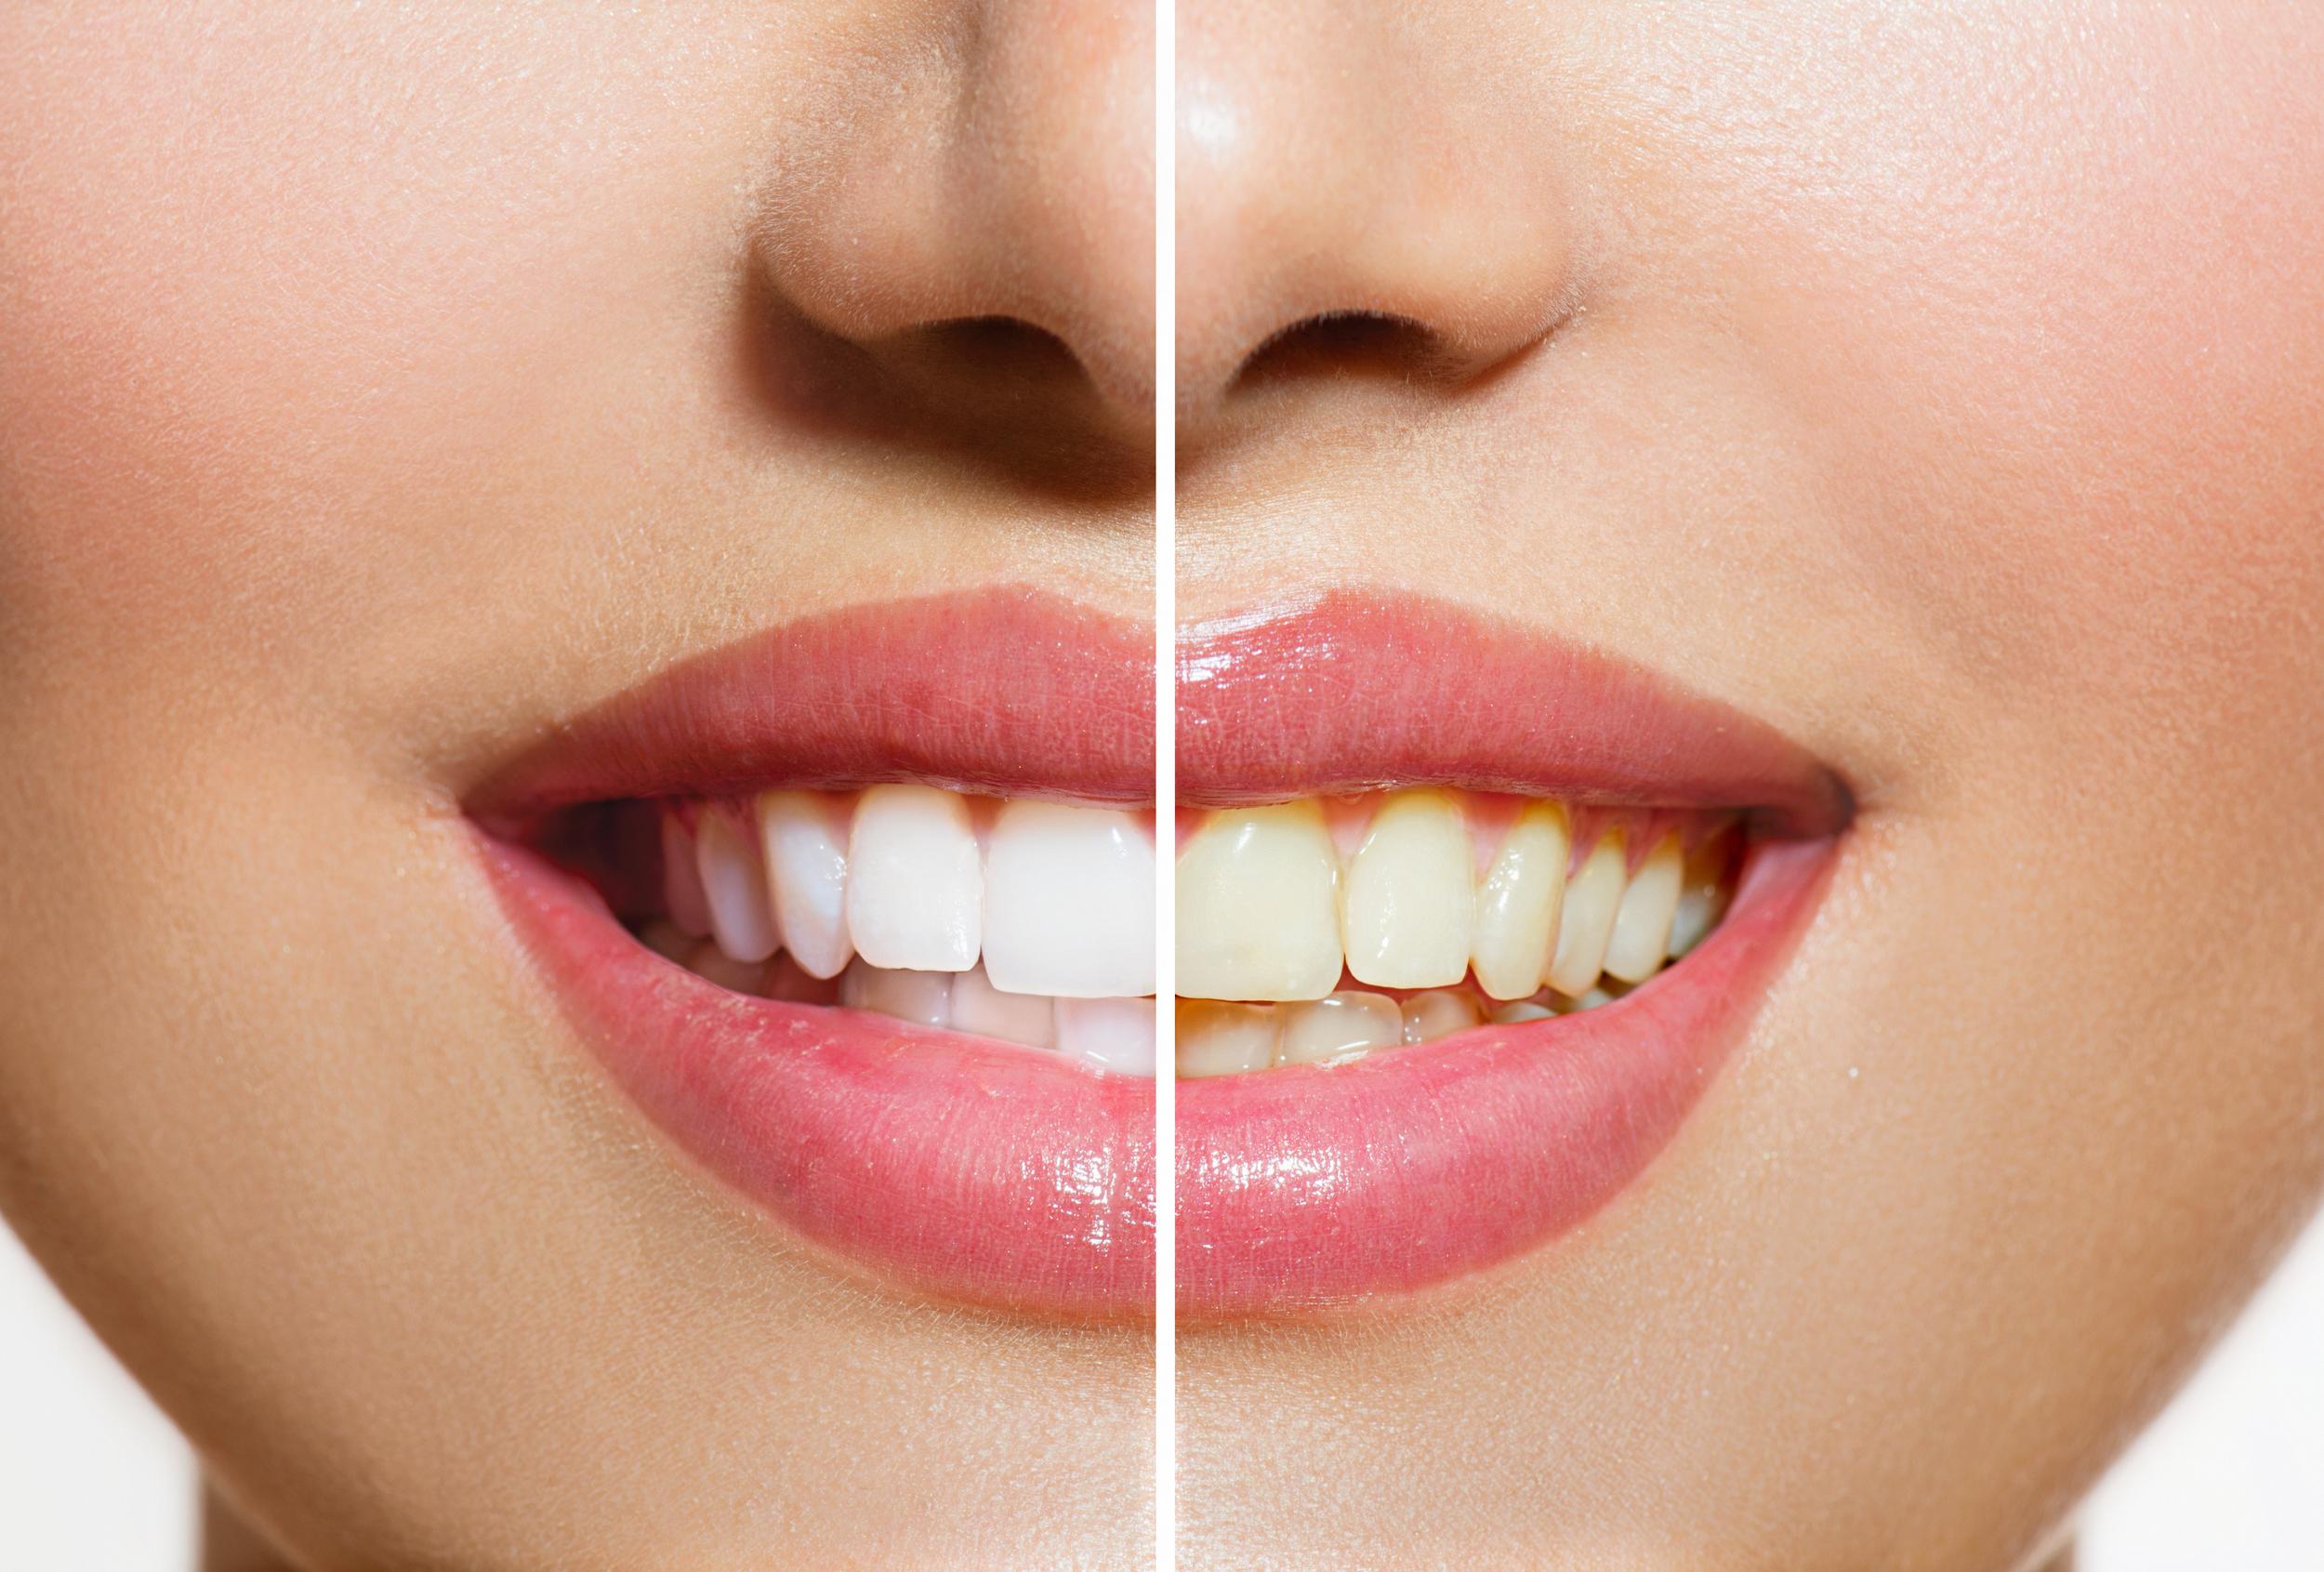 Tandblegning kan booste din selvtillid!